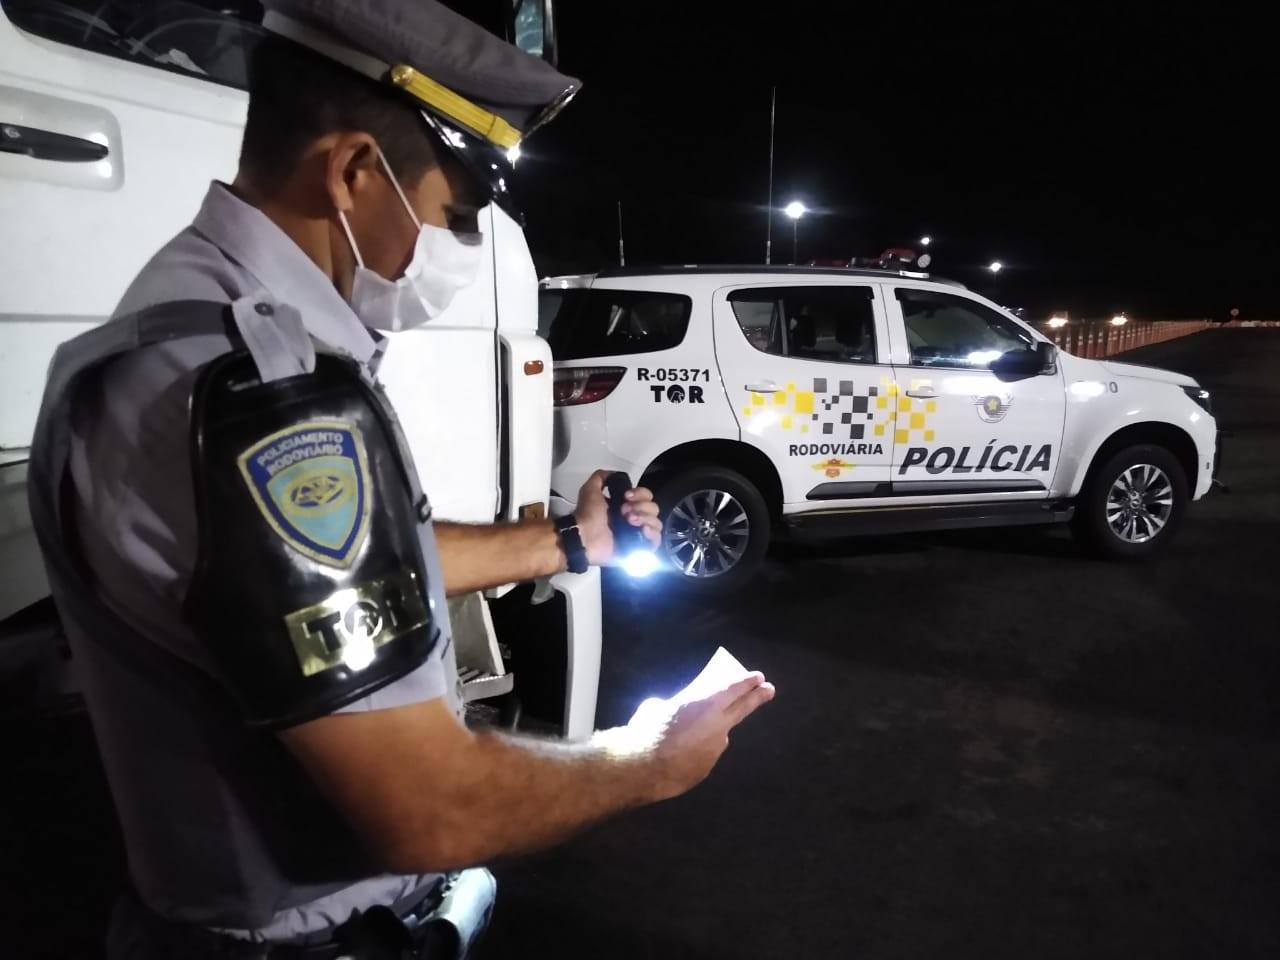 Motorista é preso por uso de documentos falsos em Itatinga